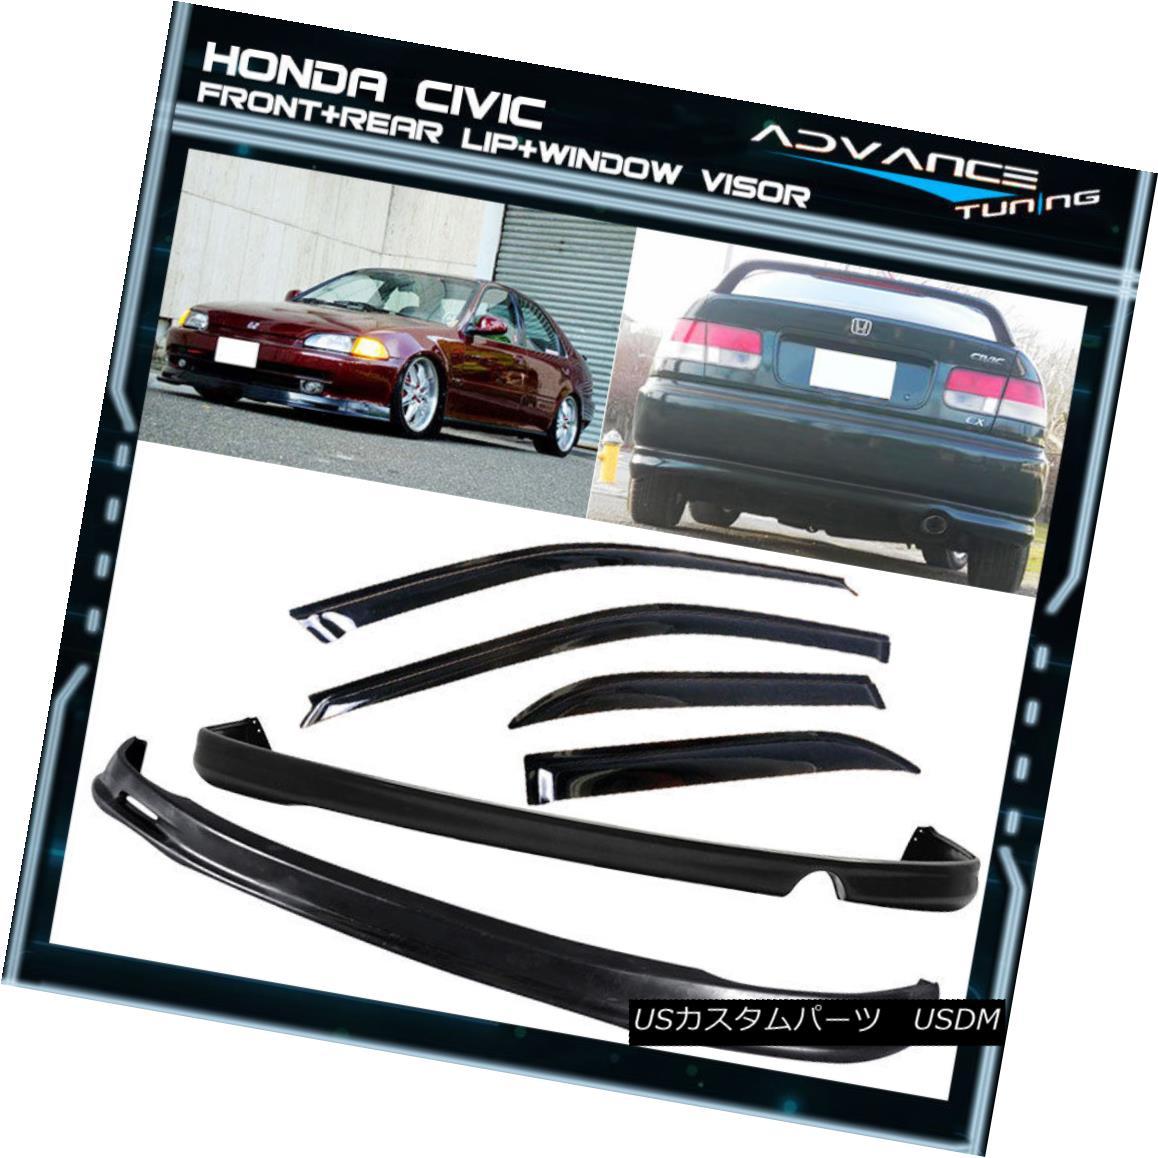 エアロパーツ Fits 92-95 Honda Civic 4Dr Front + Rear Bumper Lip Spoiler + Sun Window Visor フィット92-95ホンダシビック4Drフロント+リアバンパーリップスポイラー+サンウィンドウバイザー